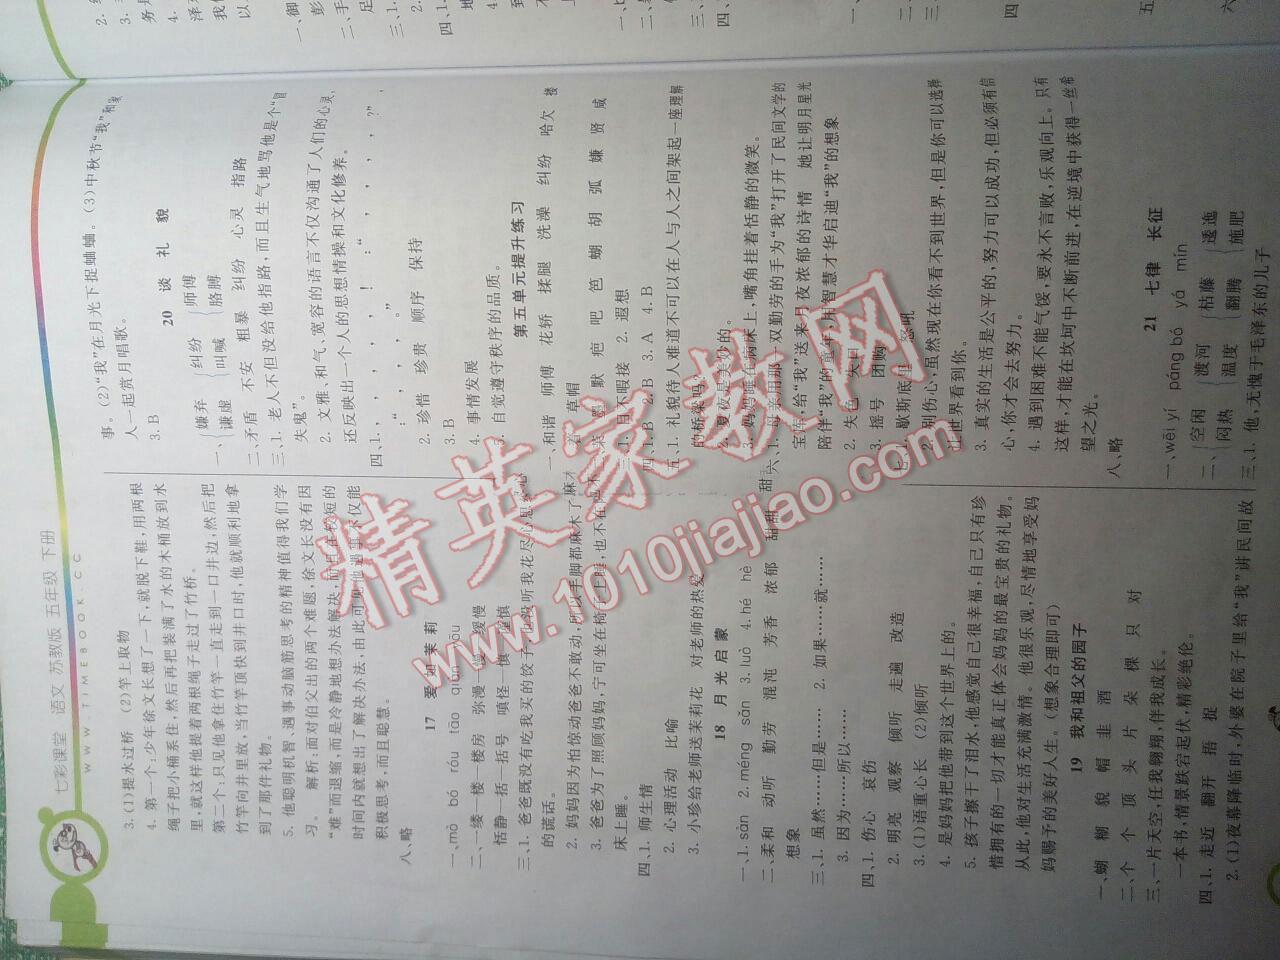 2016年七彩课堂五年级语文下册苏教版答案